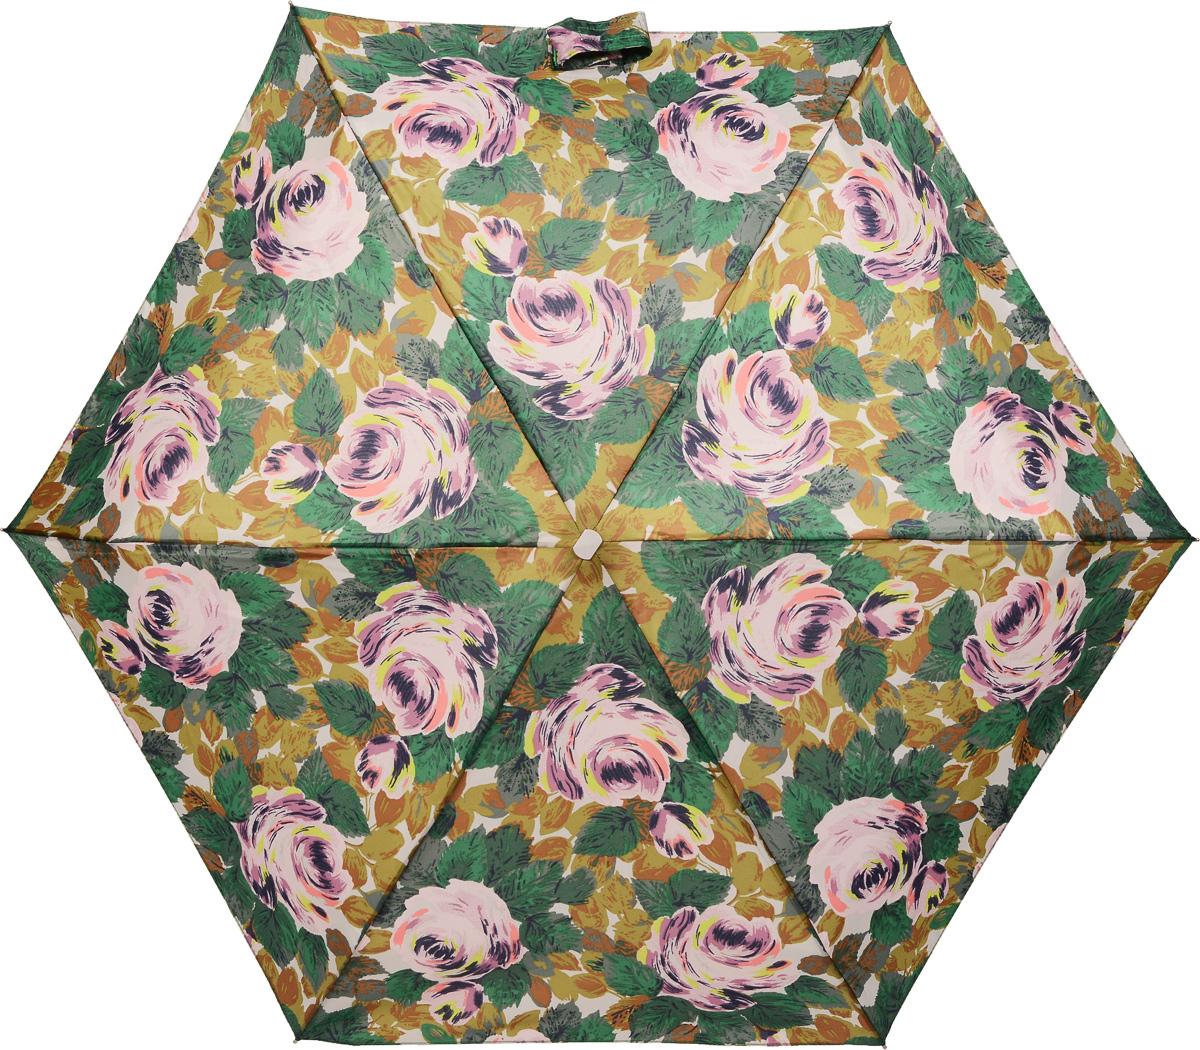 Зонт женский Fulton Cath Kidston, механический, 5 сложений, цвет: зеленый, бежевый. L521-3071REM12-CAM-GREENBLACKКомпактный женский зонт Fulton Cath Kidston выполнен из металла и пластика.Каркас зонта выполнен из шести спиц на прочном алюминиевом стержне. Купол зонта изготовлен из прочного полиэстера. Закрытый купол застегивается на хлястик с липучкой. Практичная рукоятка закругленной формы разработана с учетом требований эргономики и выполнена из натурального дерева.Зонт складывается и раскладывается механическим способом.Зонт дополнен легким плоским чехлом. Такая модель не только надежно защитит от дождя, но и станет стильным аксессуаром.